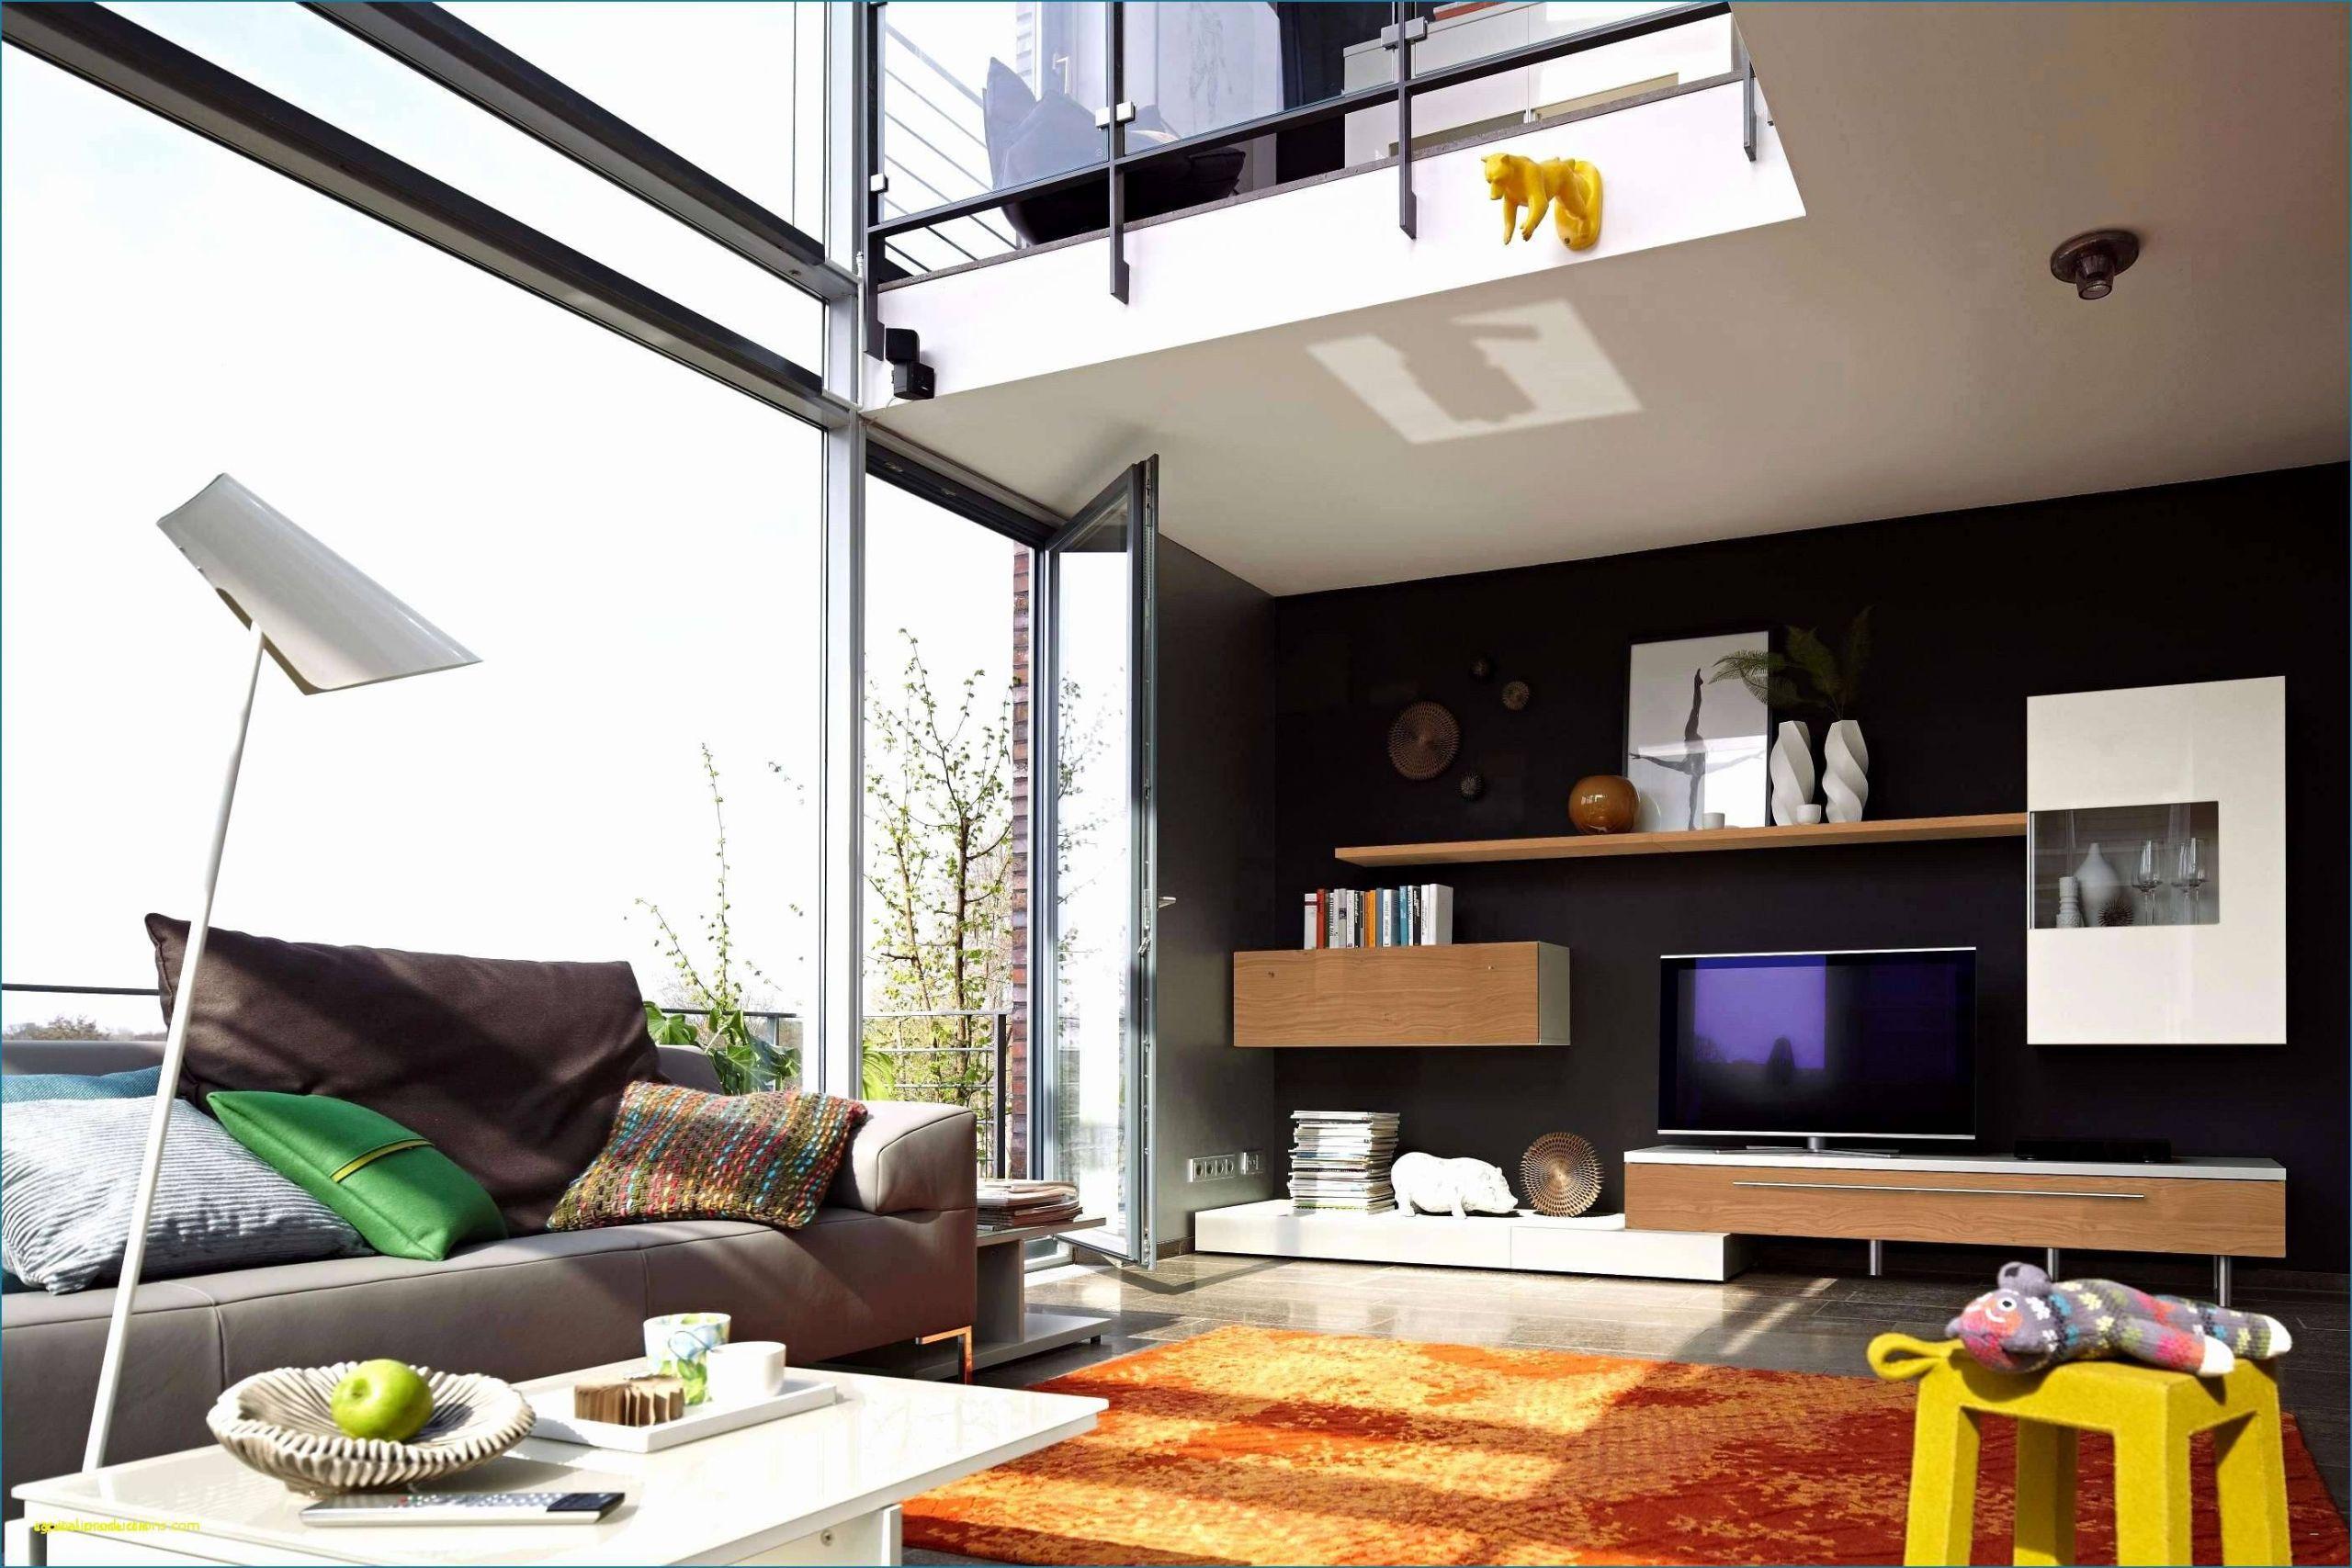 wohnzimmermobel von musterring inspirierend 45 genial wohnzimmer gestalten grafik of wohnzimmermobel von musterring